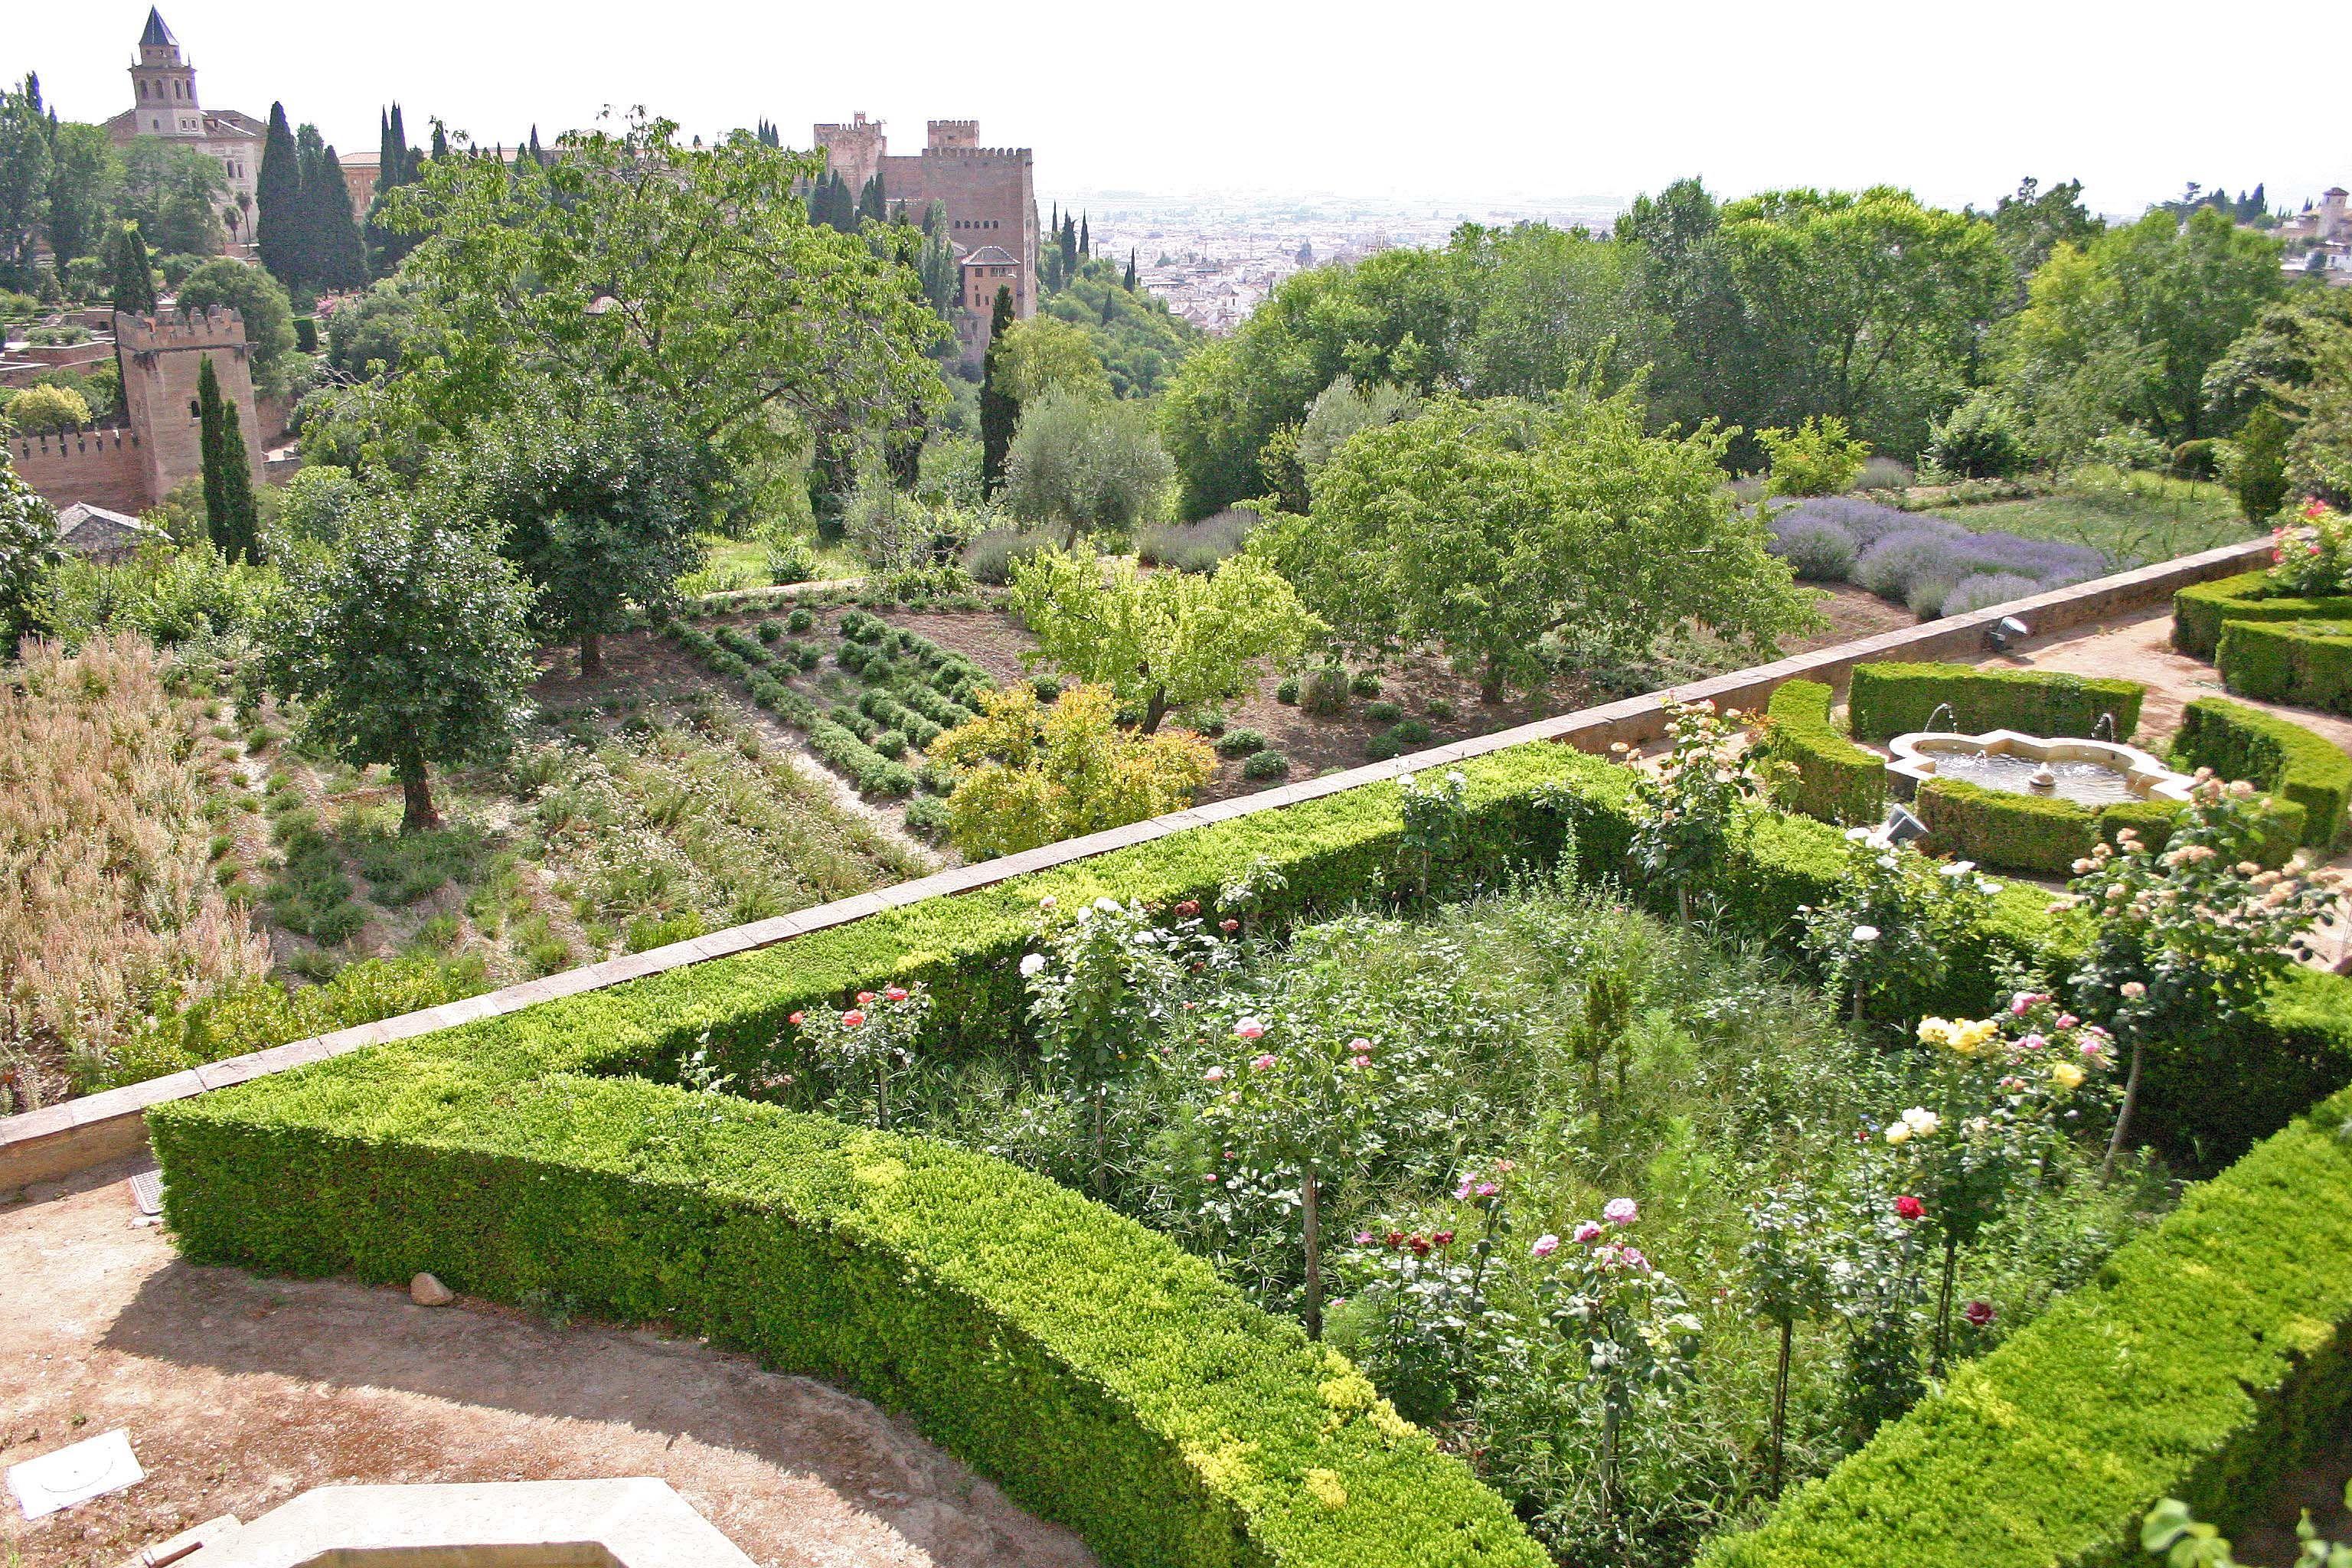 Jardines altos y bajos del generalife alhambra de granada for Jardin de gomerez granada